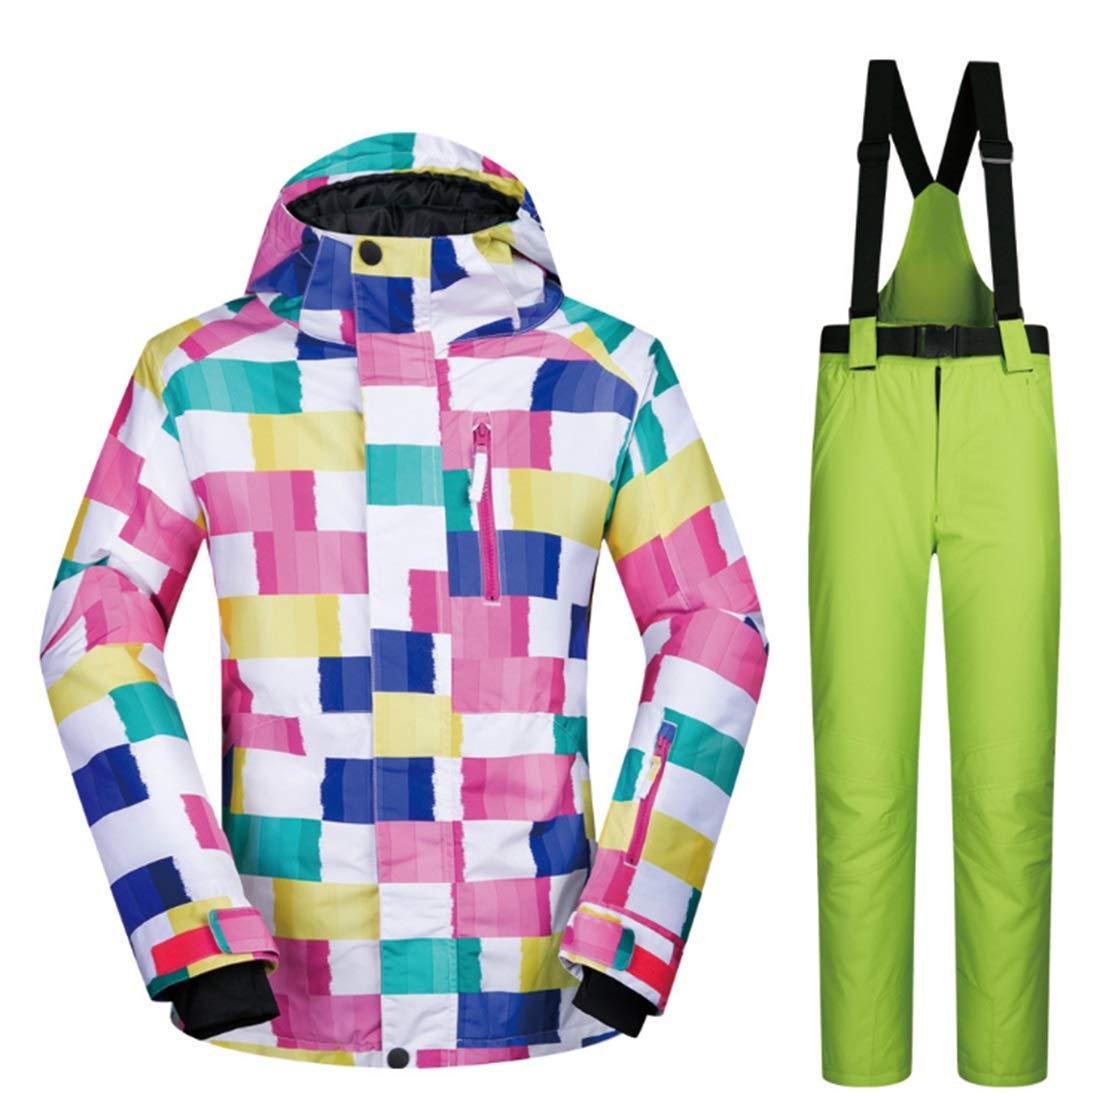 女性のスキージャケット防水 女性の防水スキージャケットとパンツ通気性の冬服スノーボードフード付きレインコート3-IN-1防水スキージャケット レディース冬の雪のジャケットレインコート (色 : 09, サイズ : L)  Large